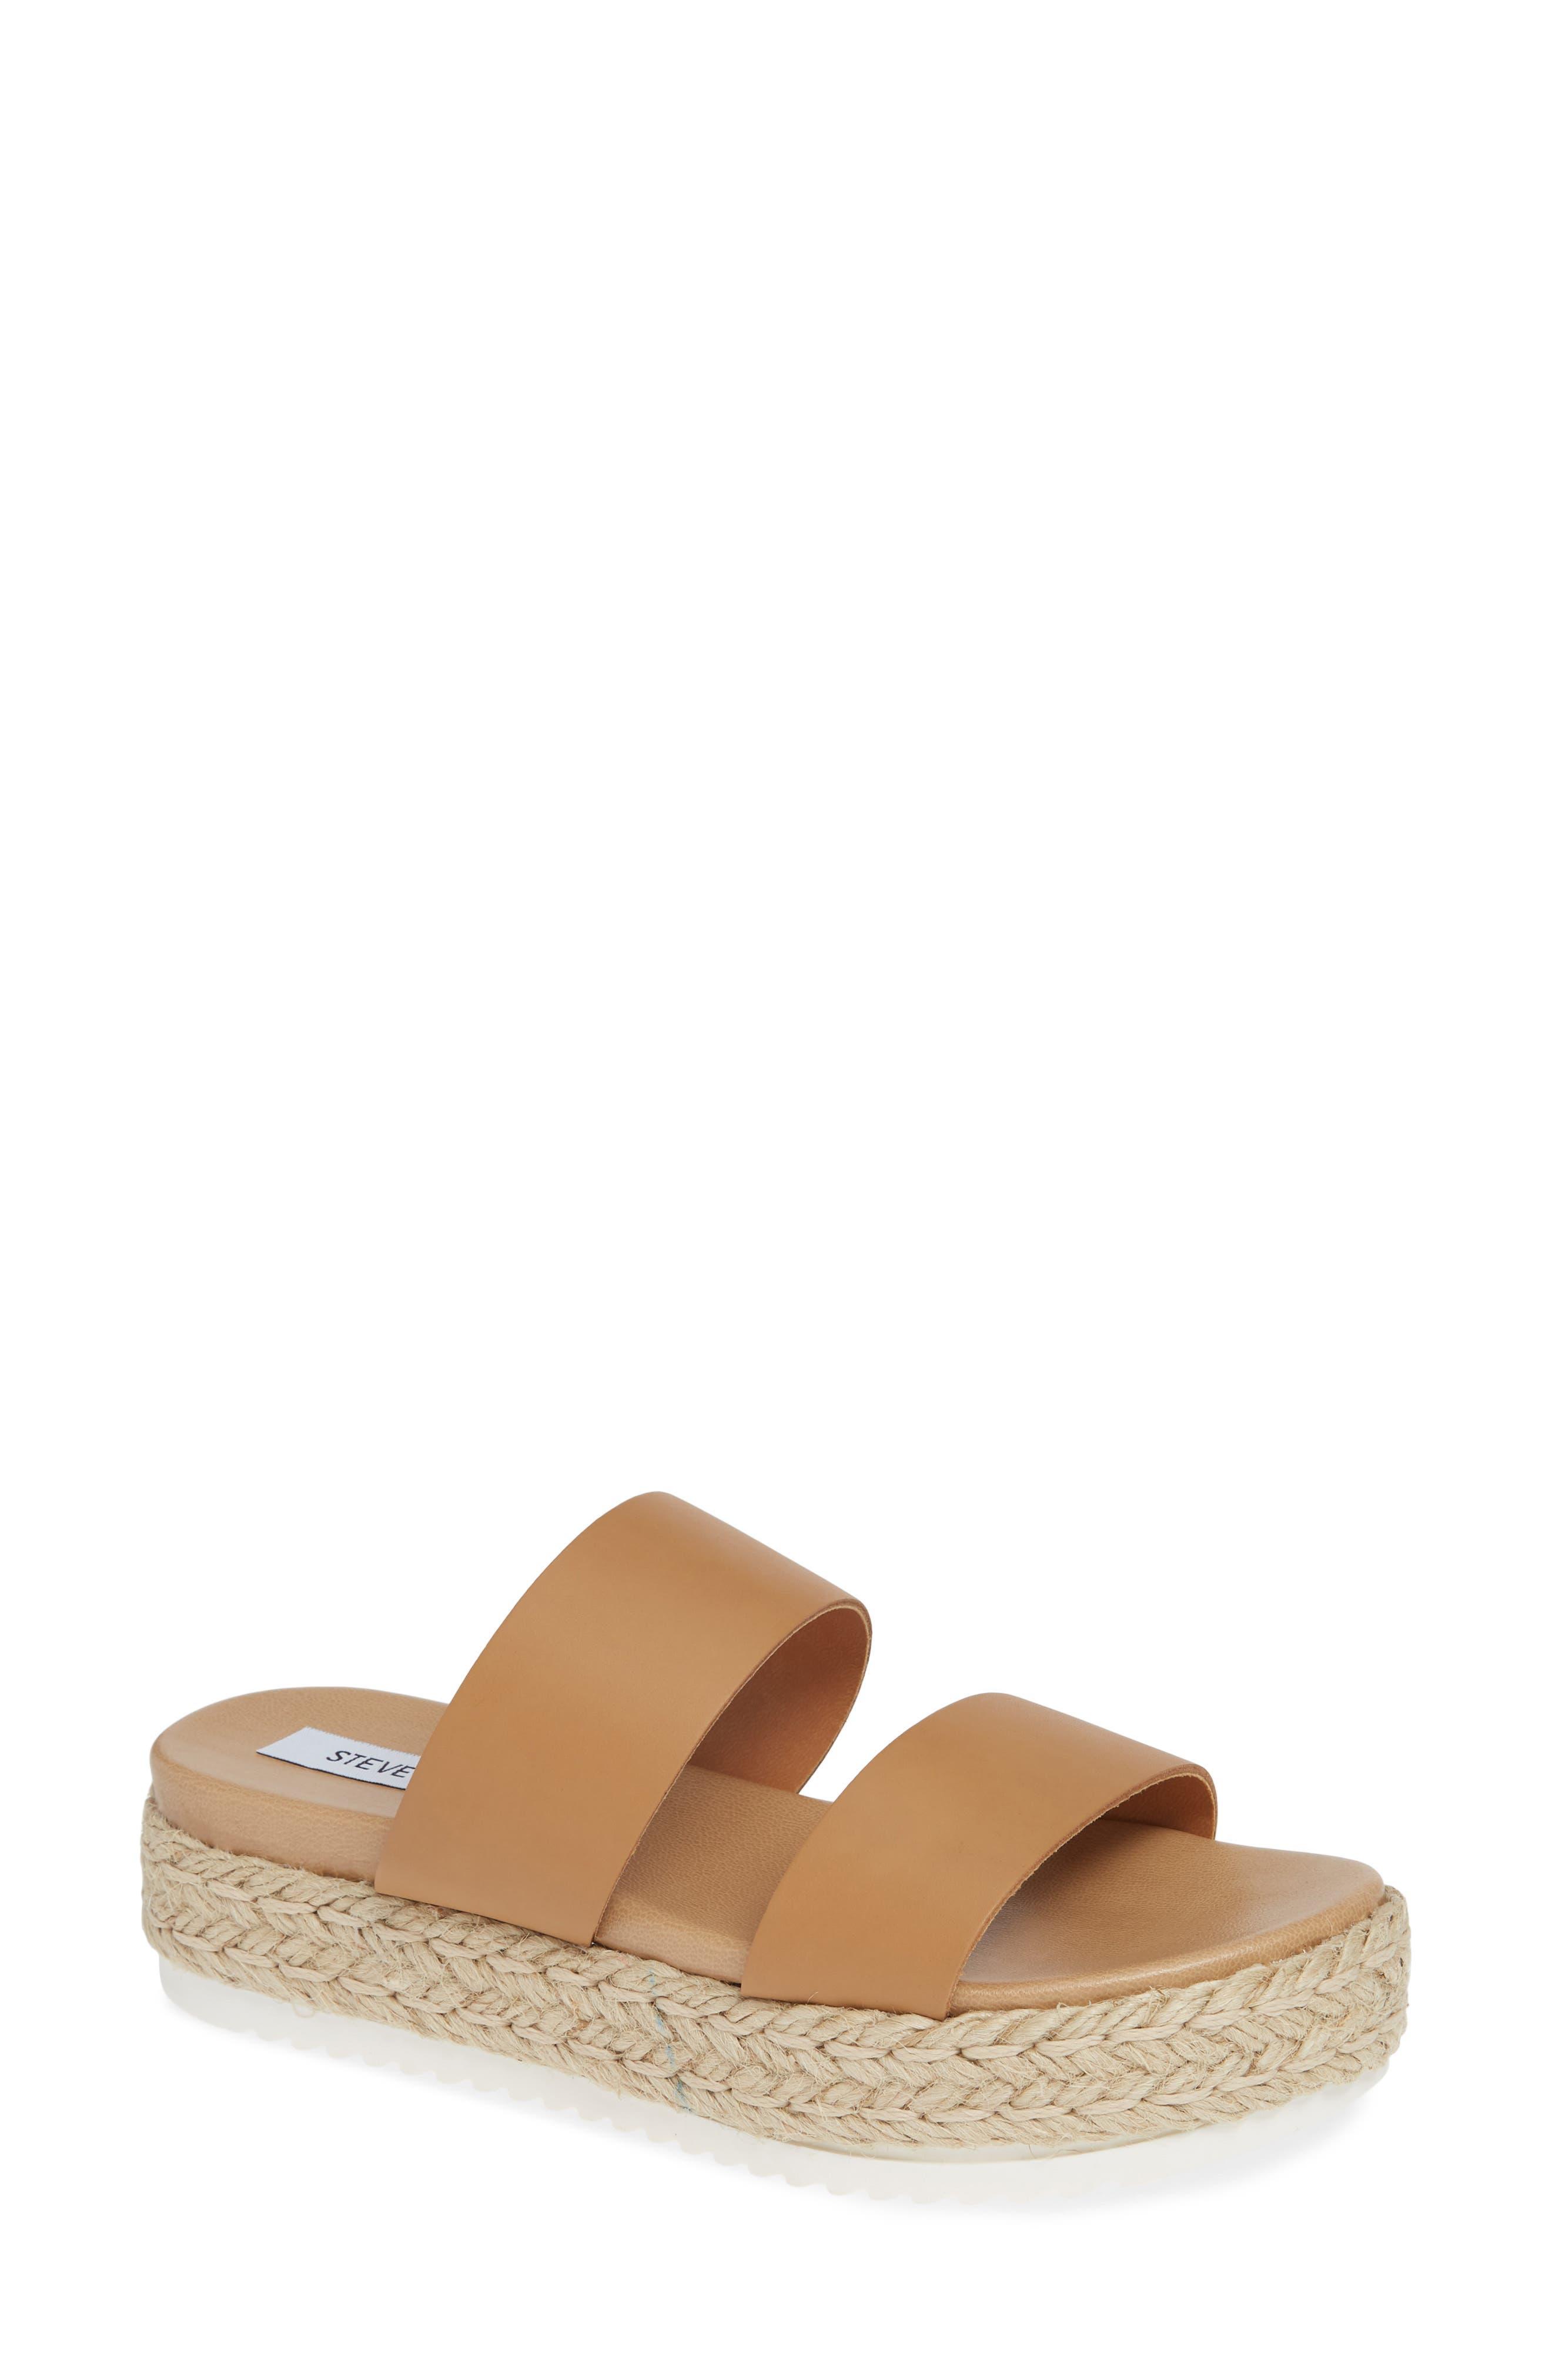 Amaze Platform Slide Sandal,                         Main,                         color, NATURAL LEATHER